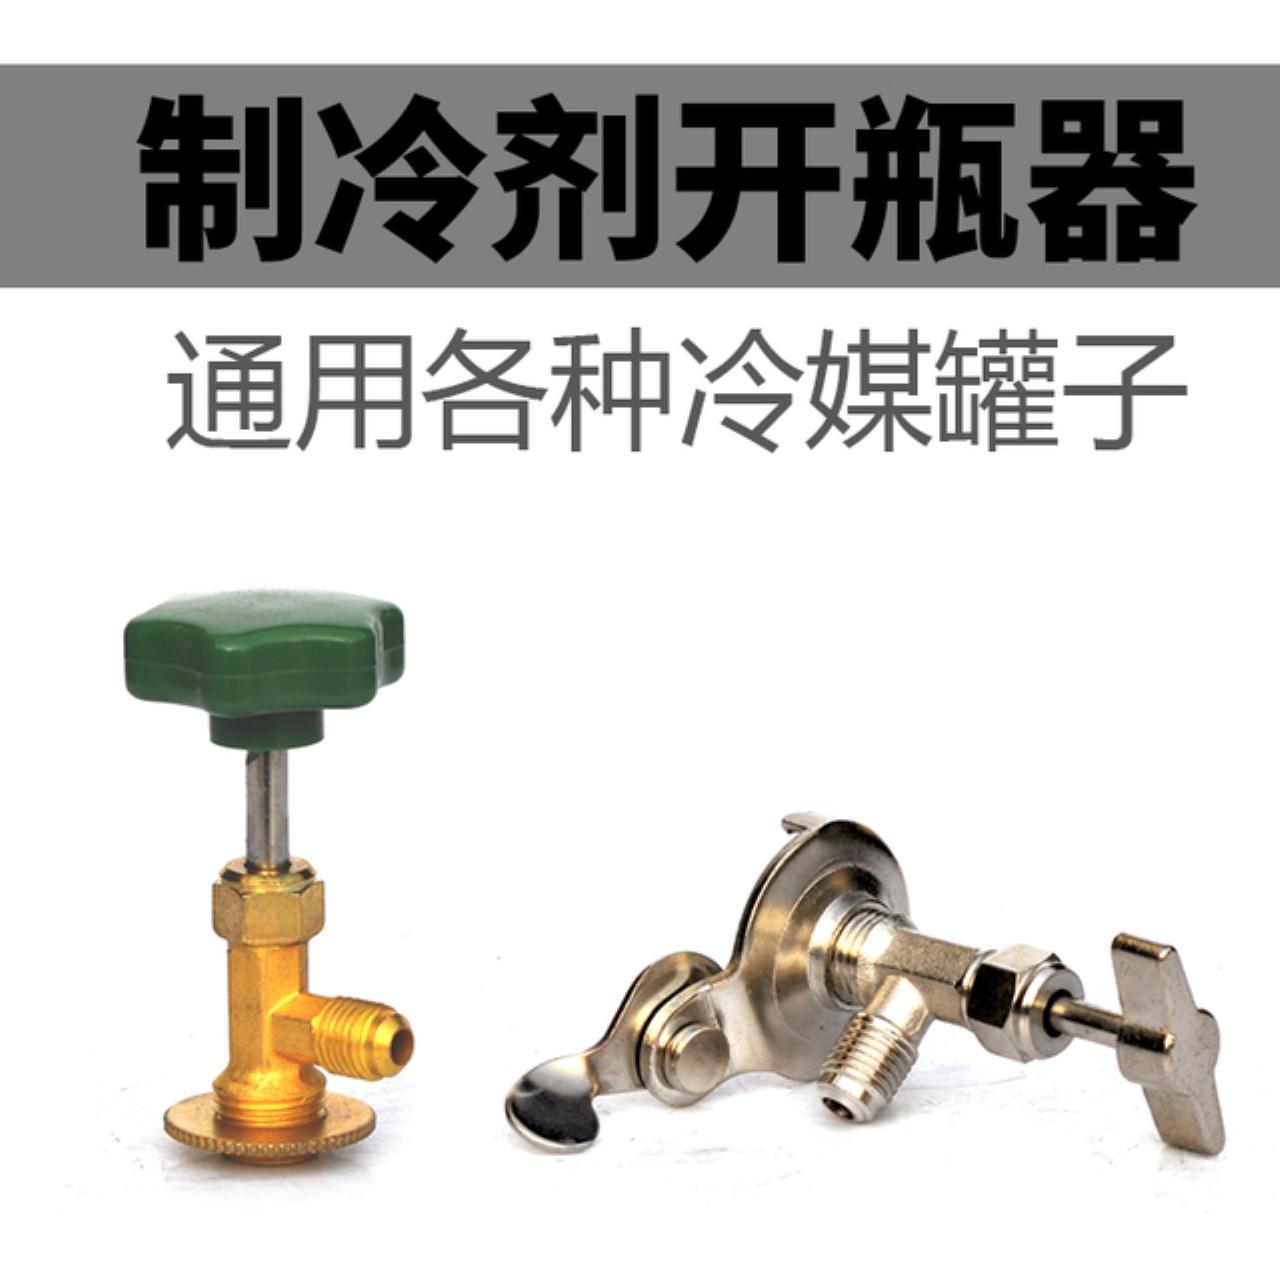 Фторид ли 0A60 Аунг хладагент кондиционер хладагент /R12 открыть открывалка C T338R340 открытие клапана